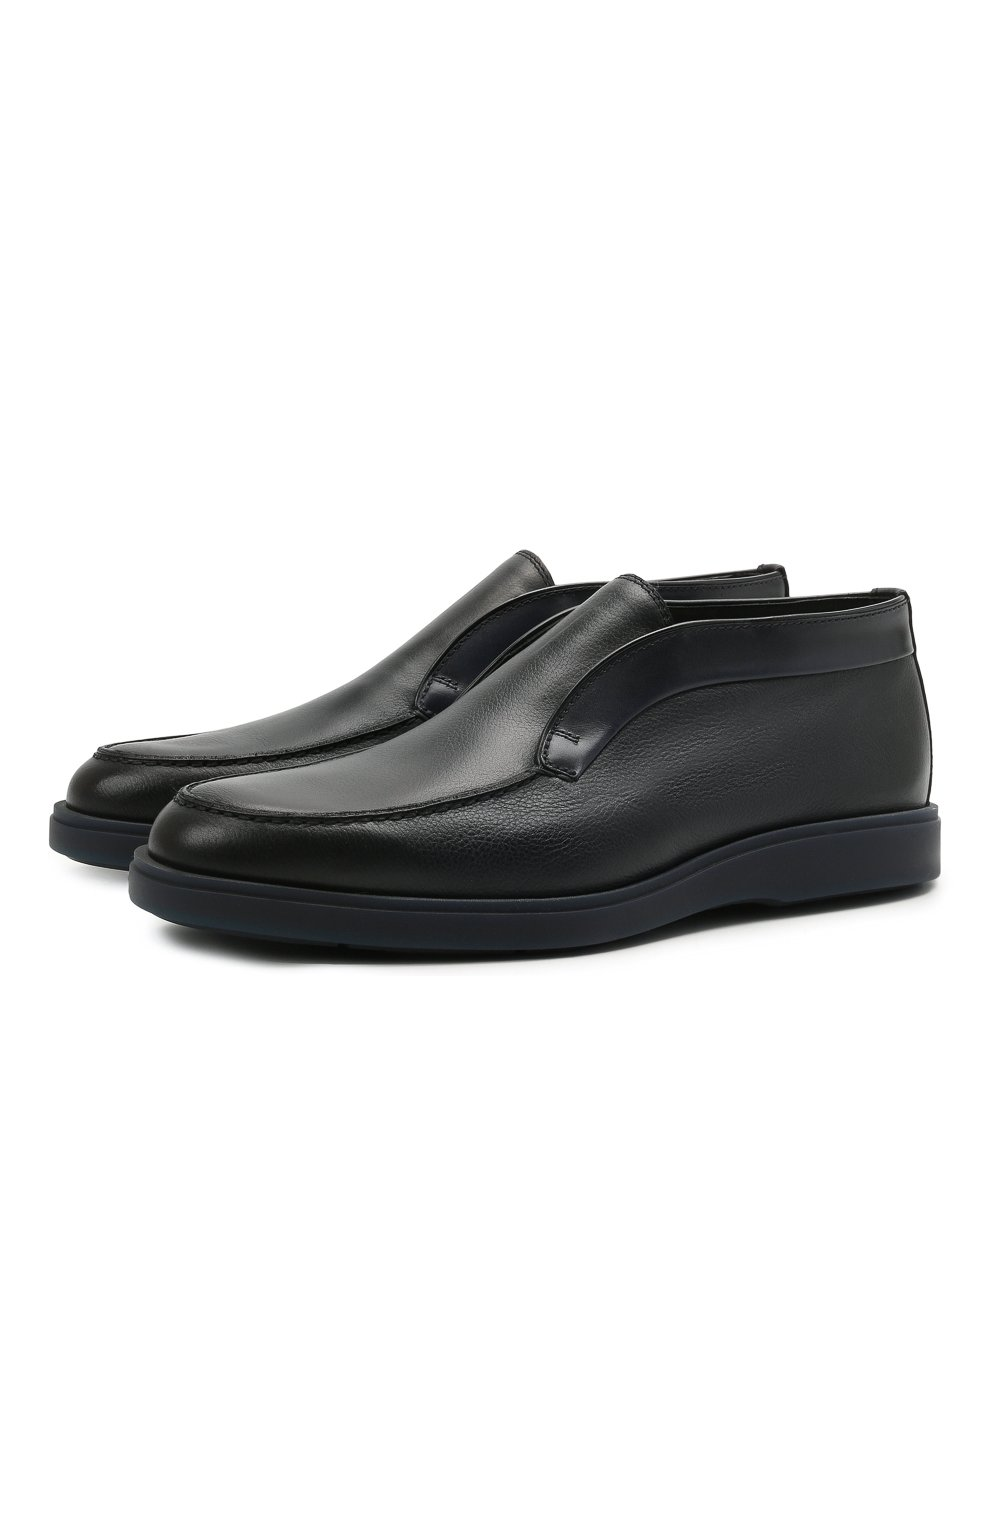 Мужские кожаные ботинки SANTONI темно-синего цвета, арт. MGDG1782300TANWLU59   Фото 1 (Материал утеплителя: Натуральный мех; Мужское Кросс-КТ: Ботинки-обувь, зимние ботинки; Подошва: Плоская)